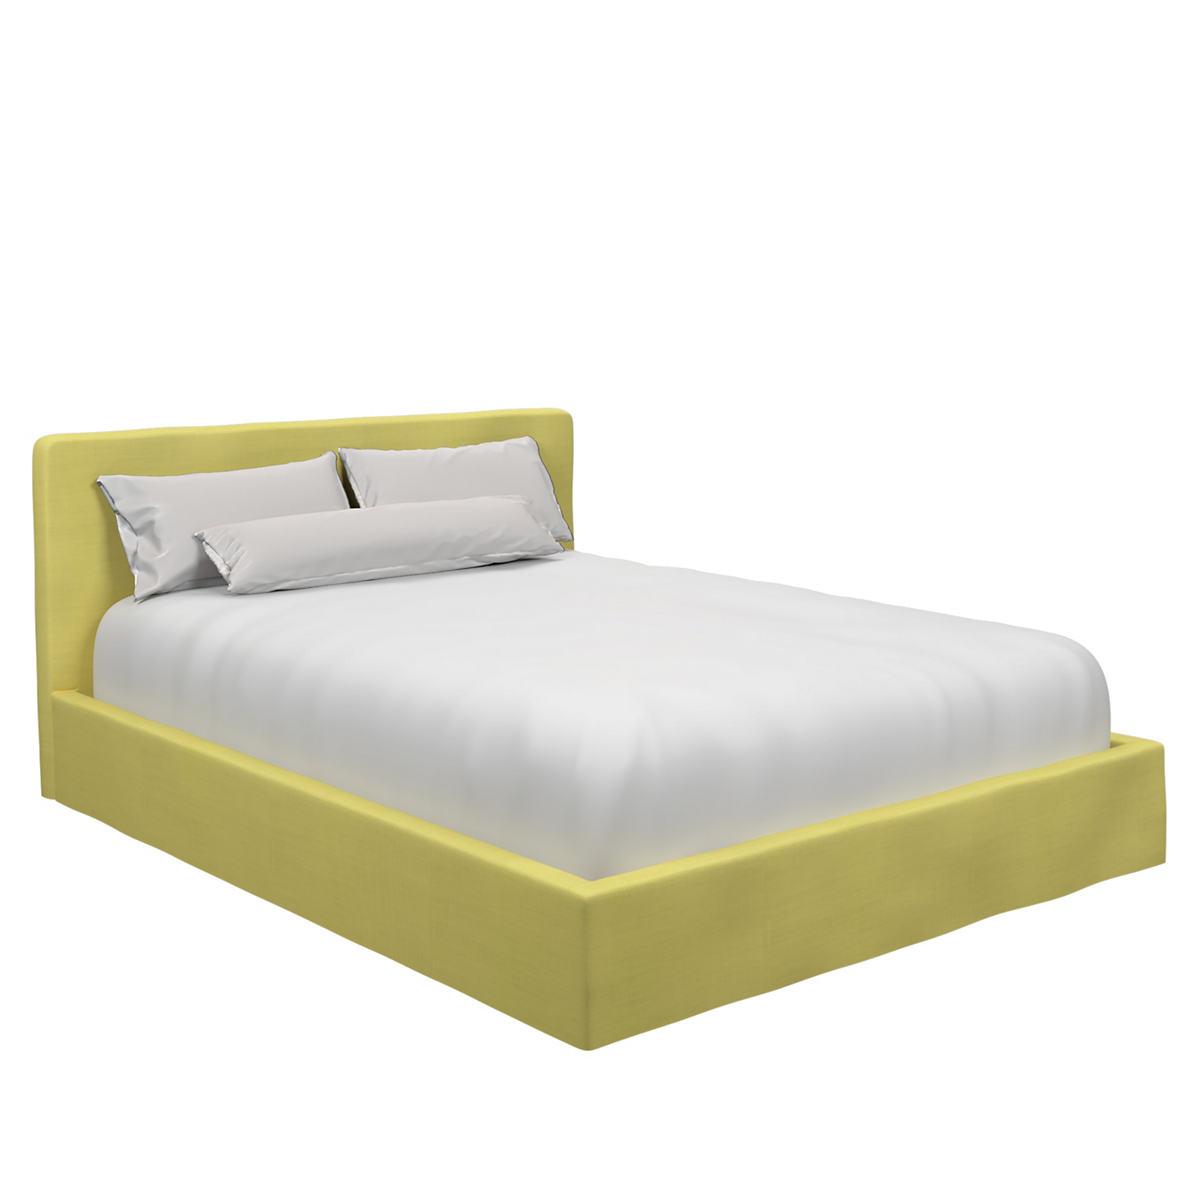 Estate Linen Citrus Loft Bed